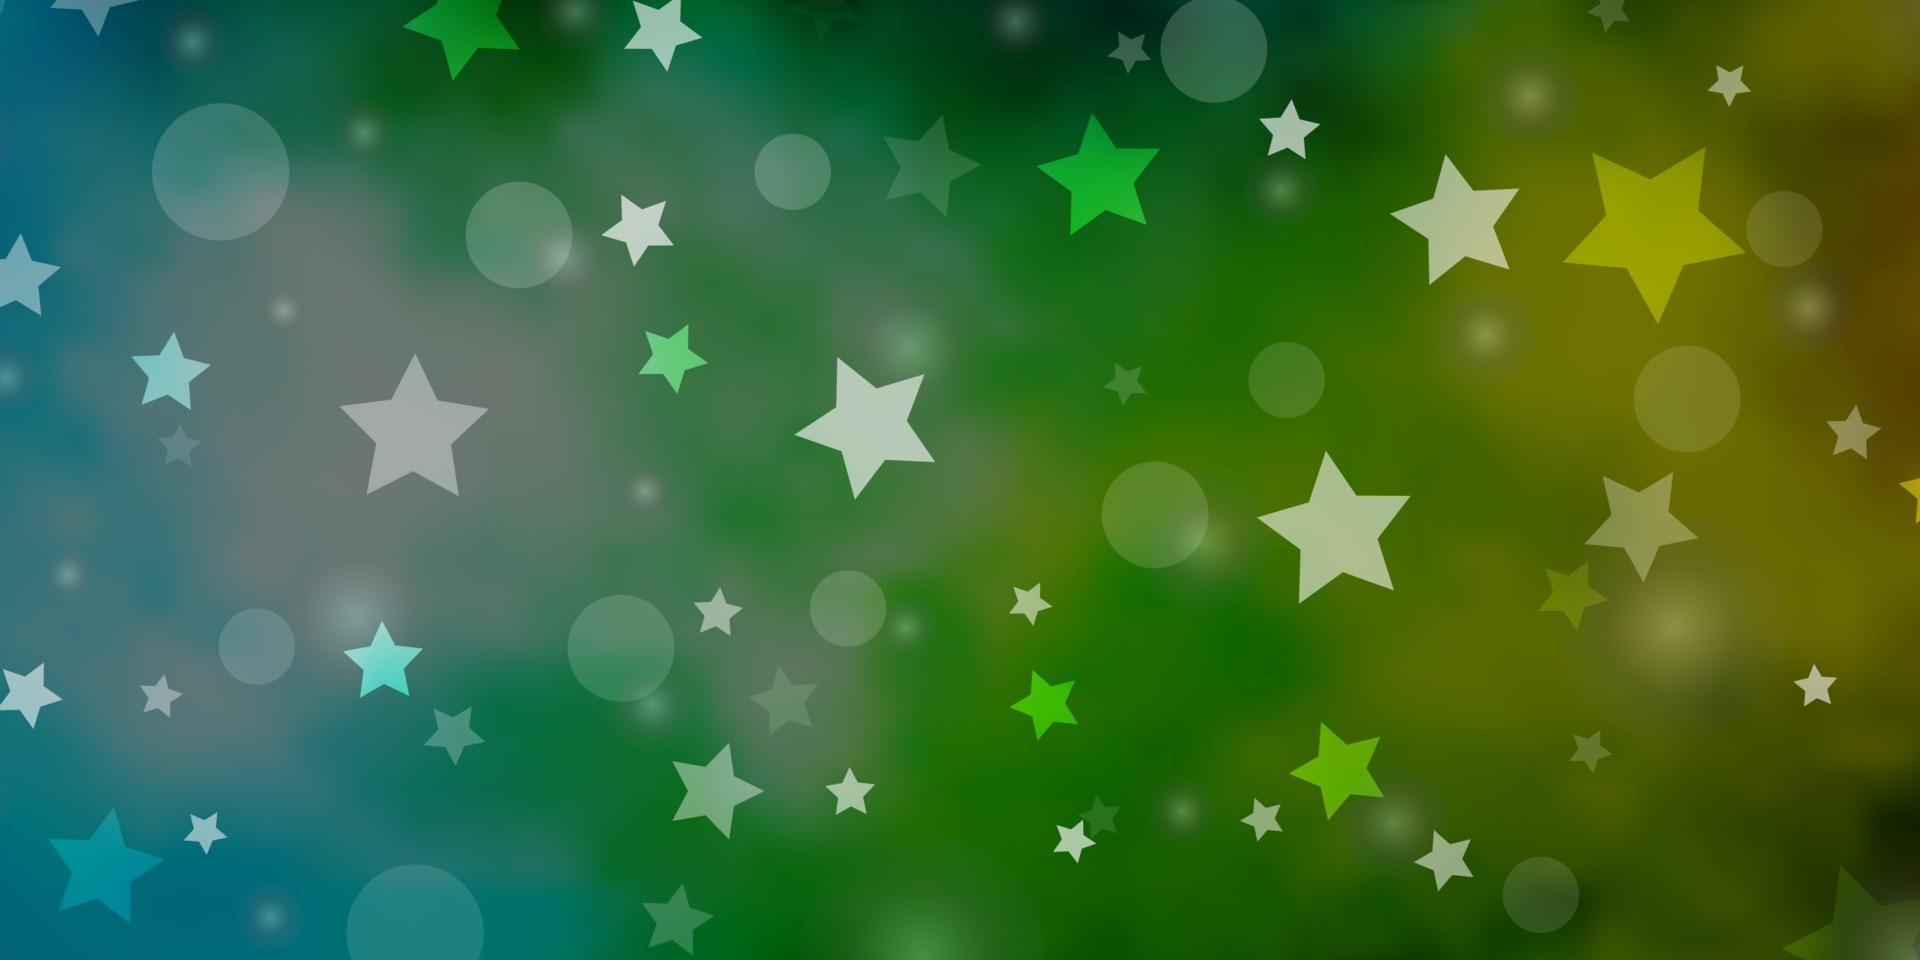 luz azul, padrão de vetor verde com círculos, estrelas.